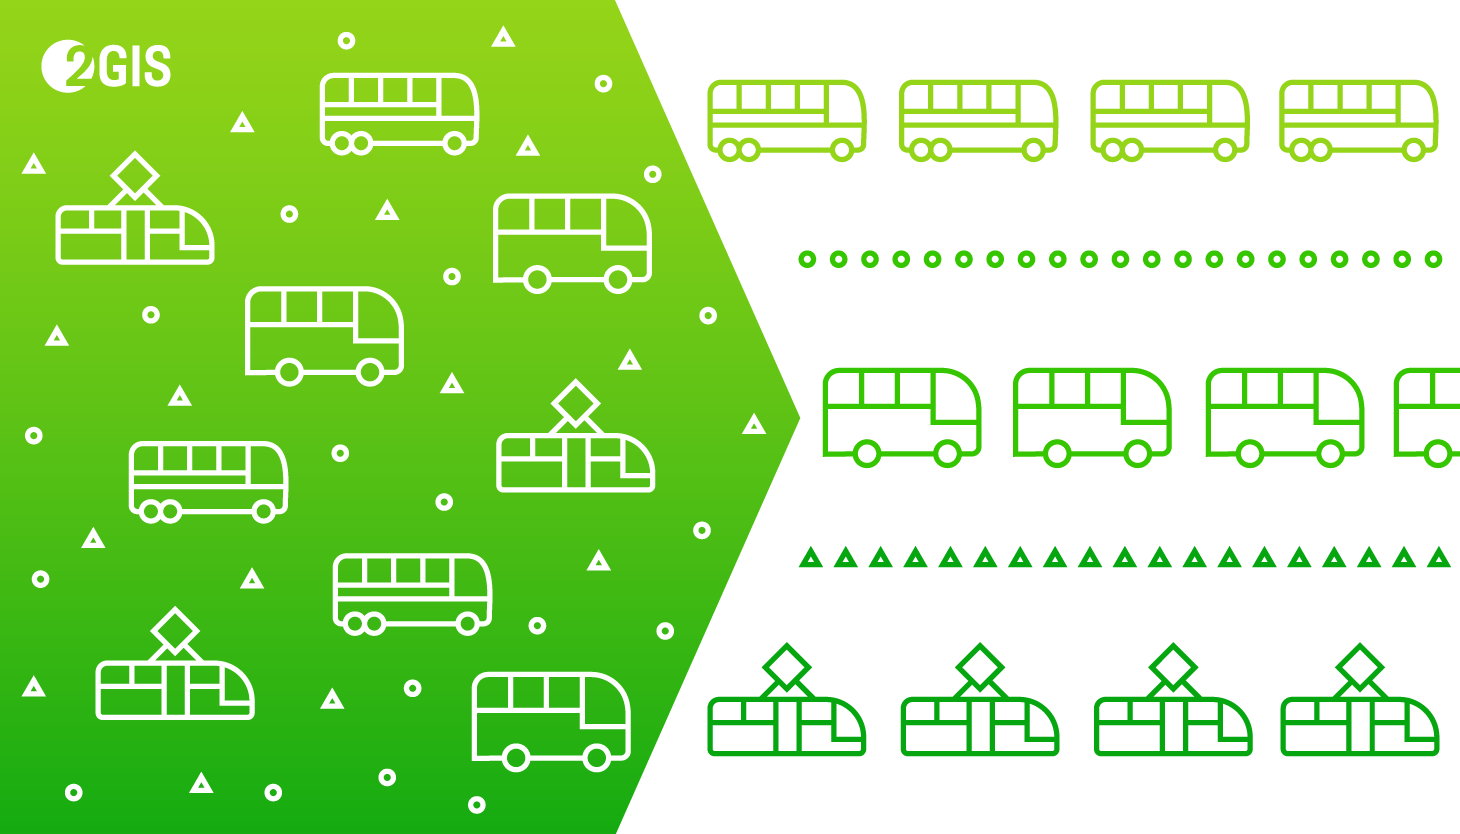 Как мы расписание общественного транспорта в 2ГИС добавляли - 1